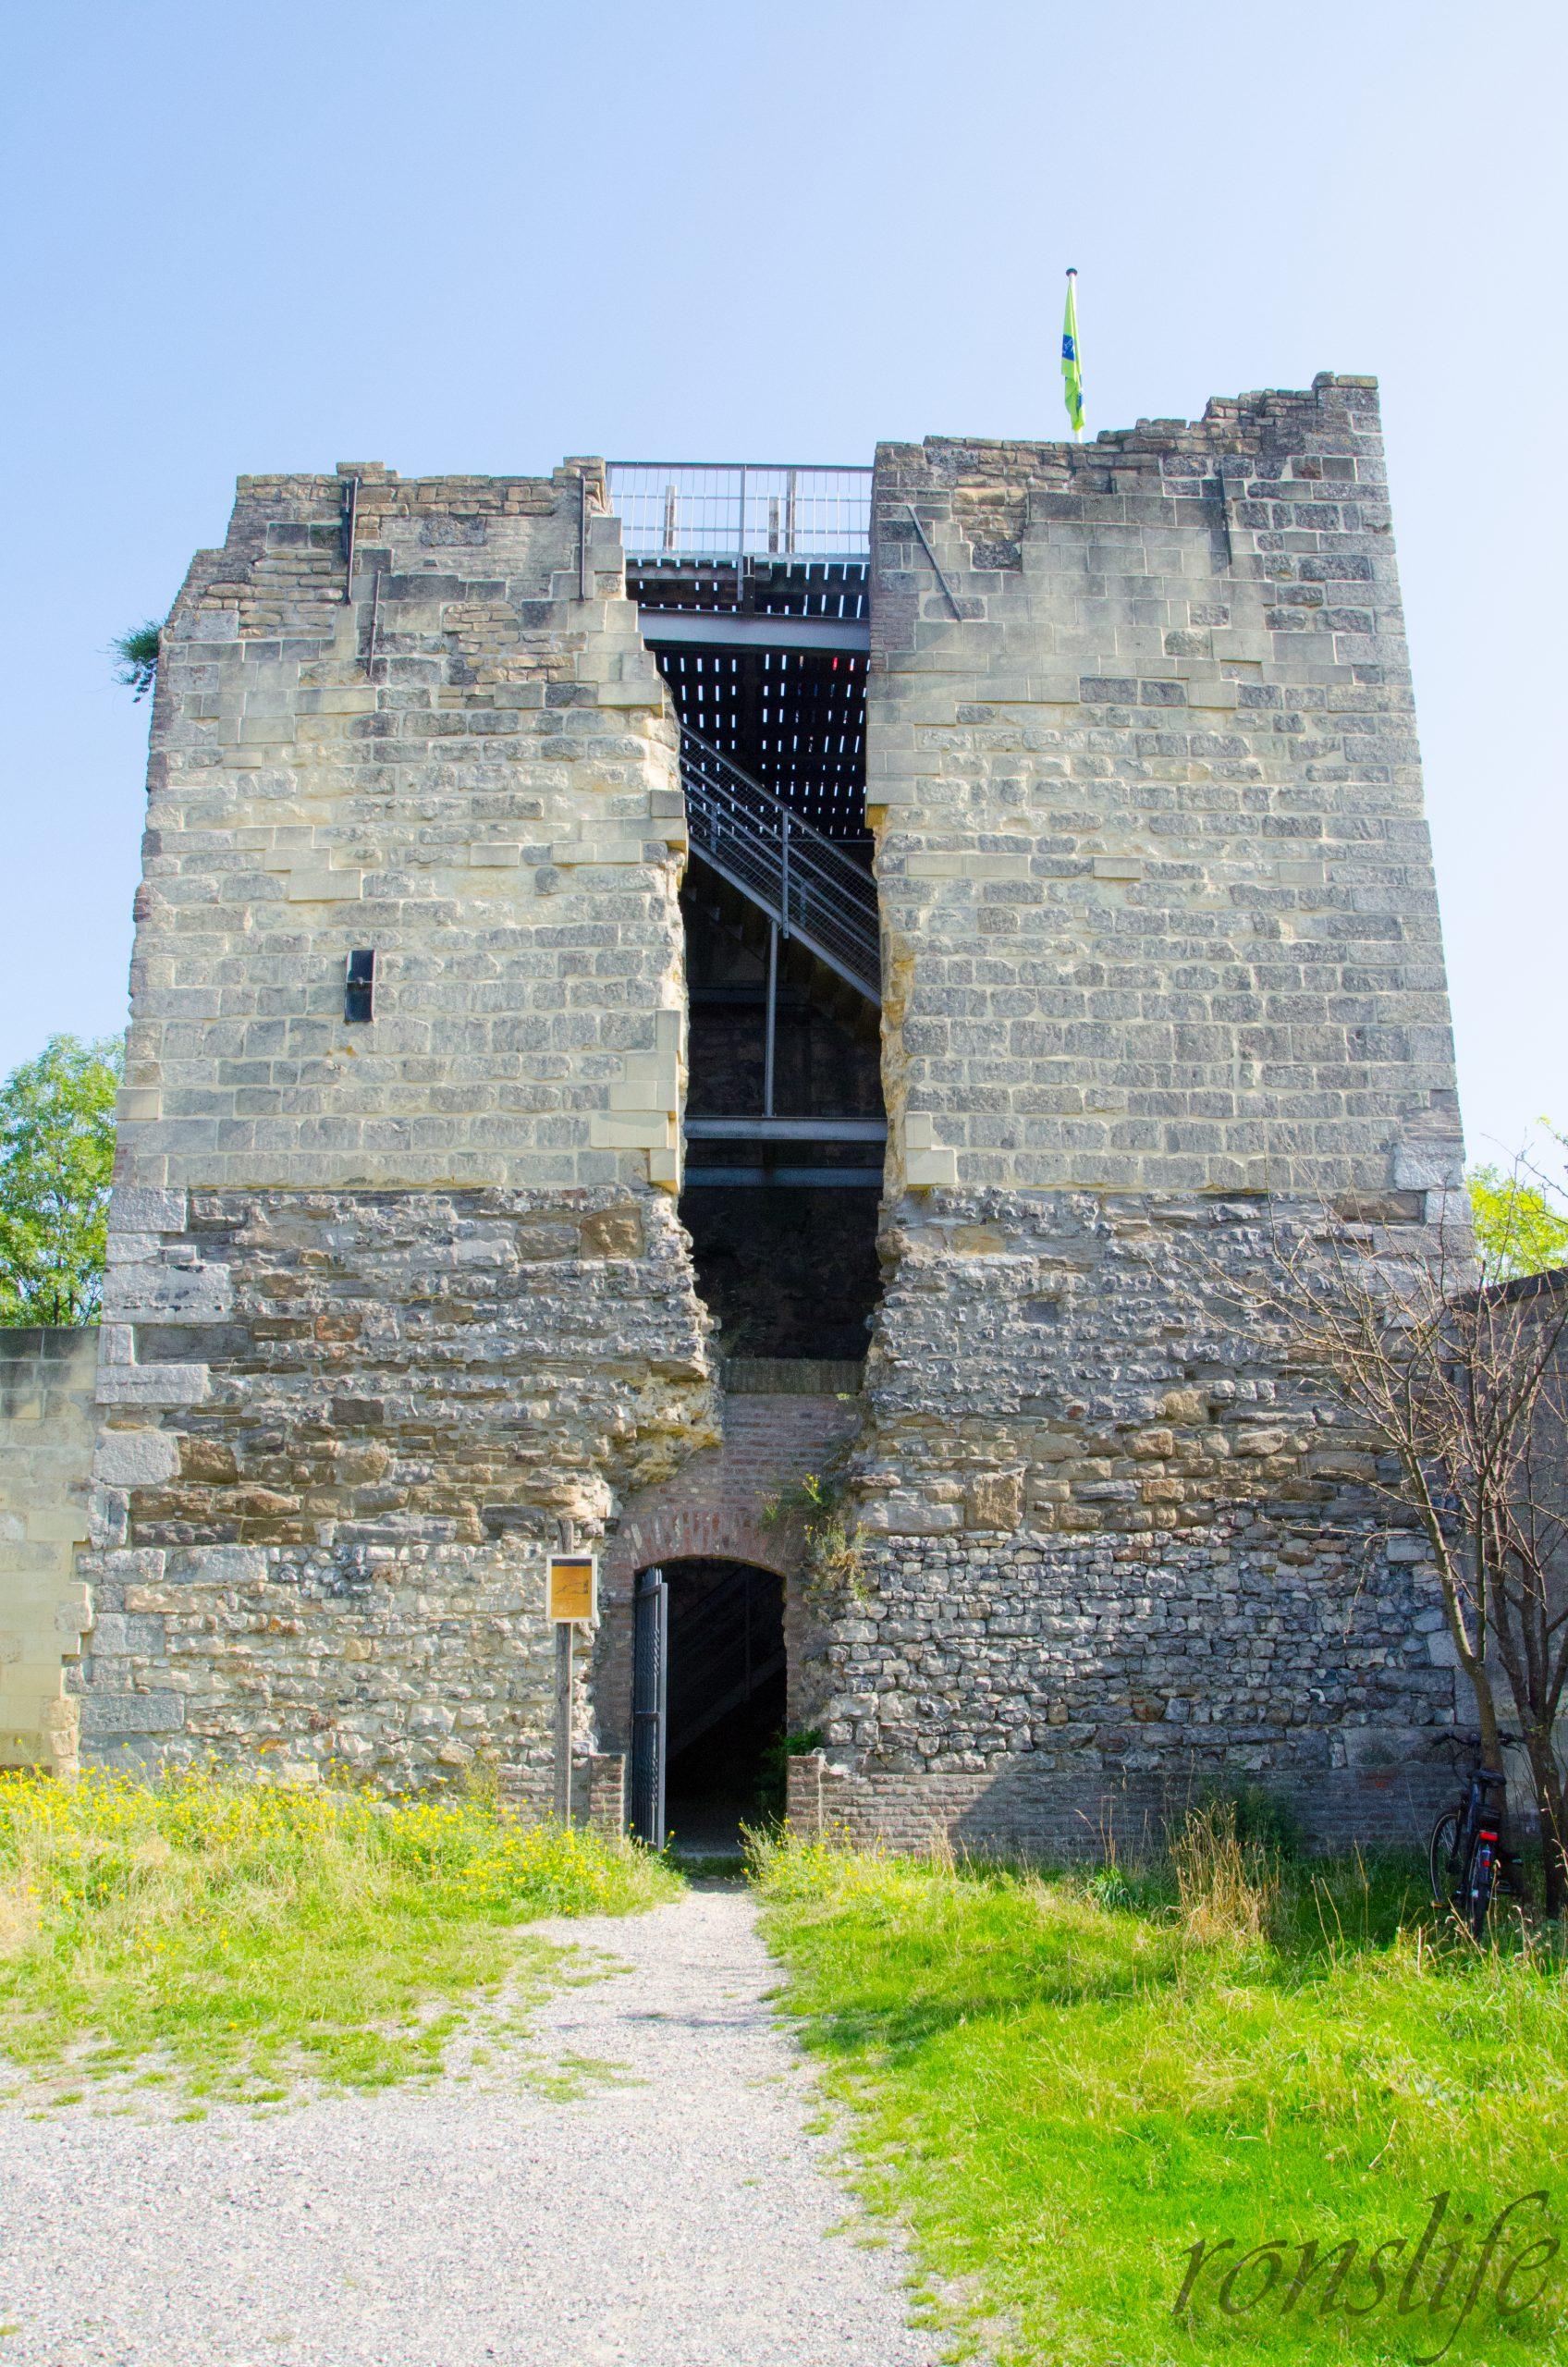 De vervallen toren bij Kasteel Ruine/Hoeve Lichtenberg Maastricht